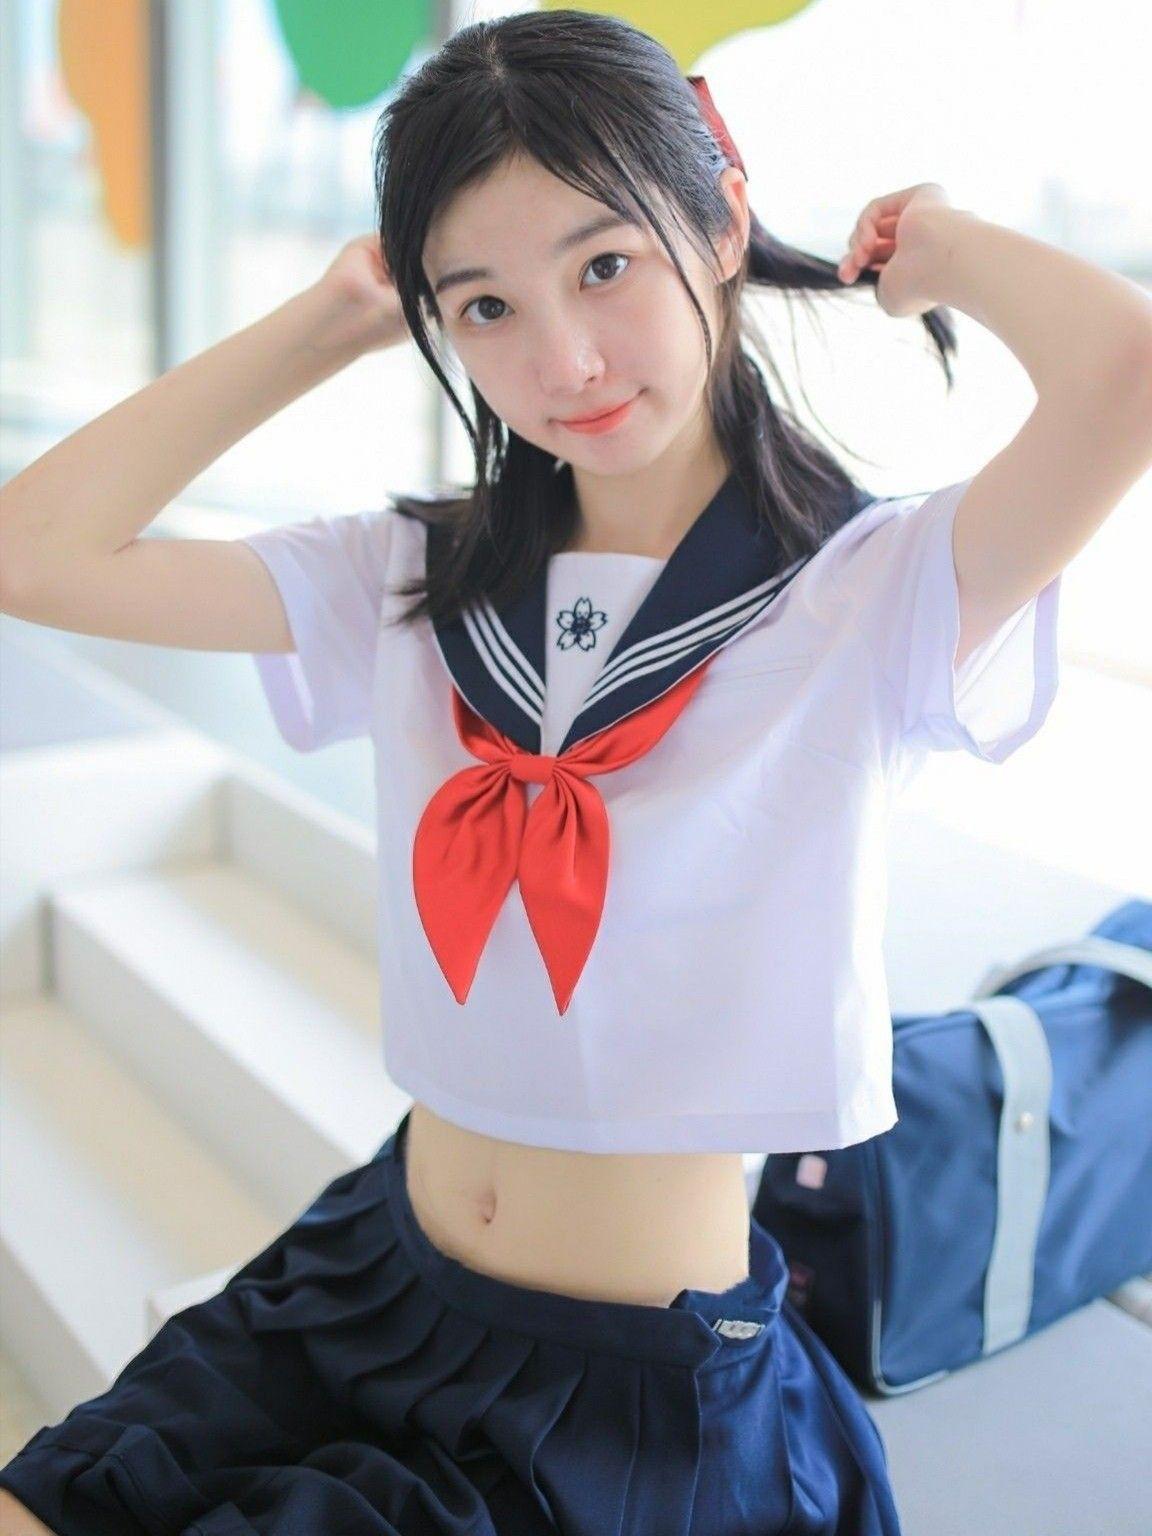 水手服制服美少女 露出小蠻腰》Cute Girl Pretty Girls 漂亮、可愛、無敵、青春活力》